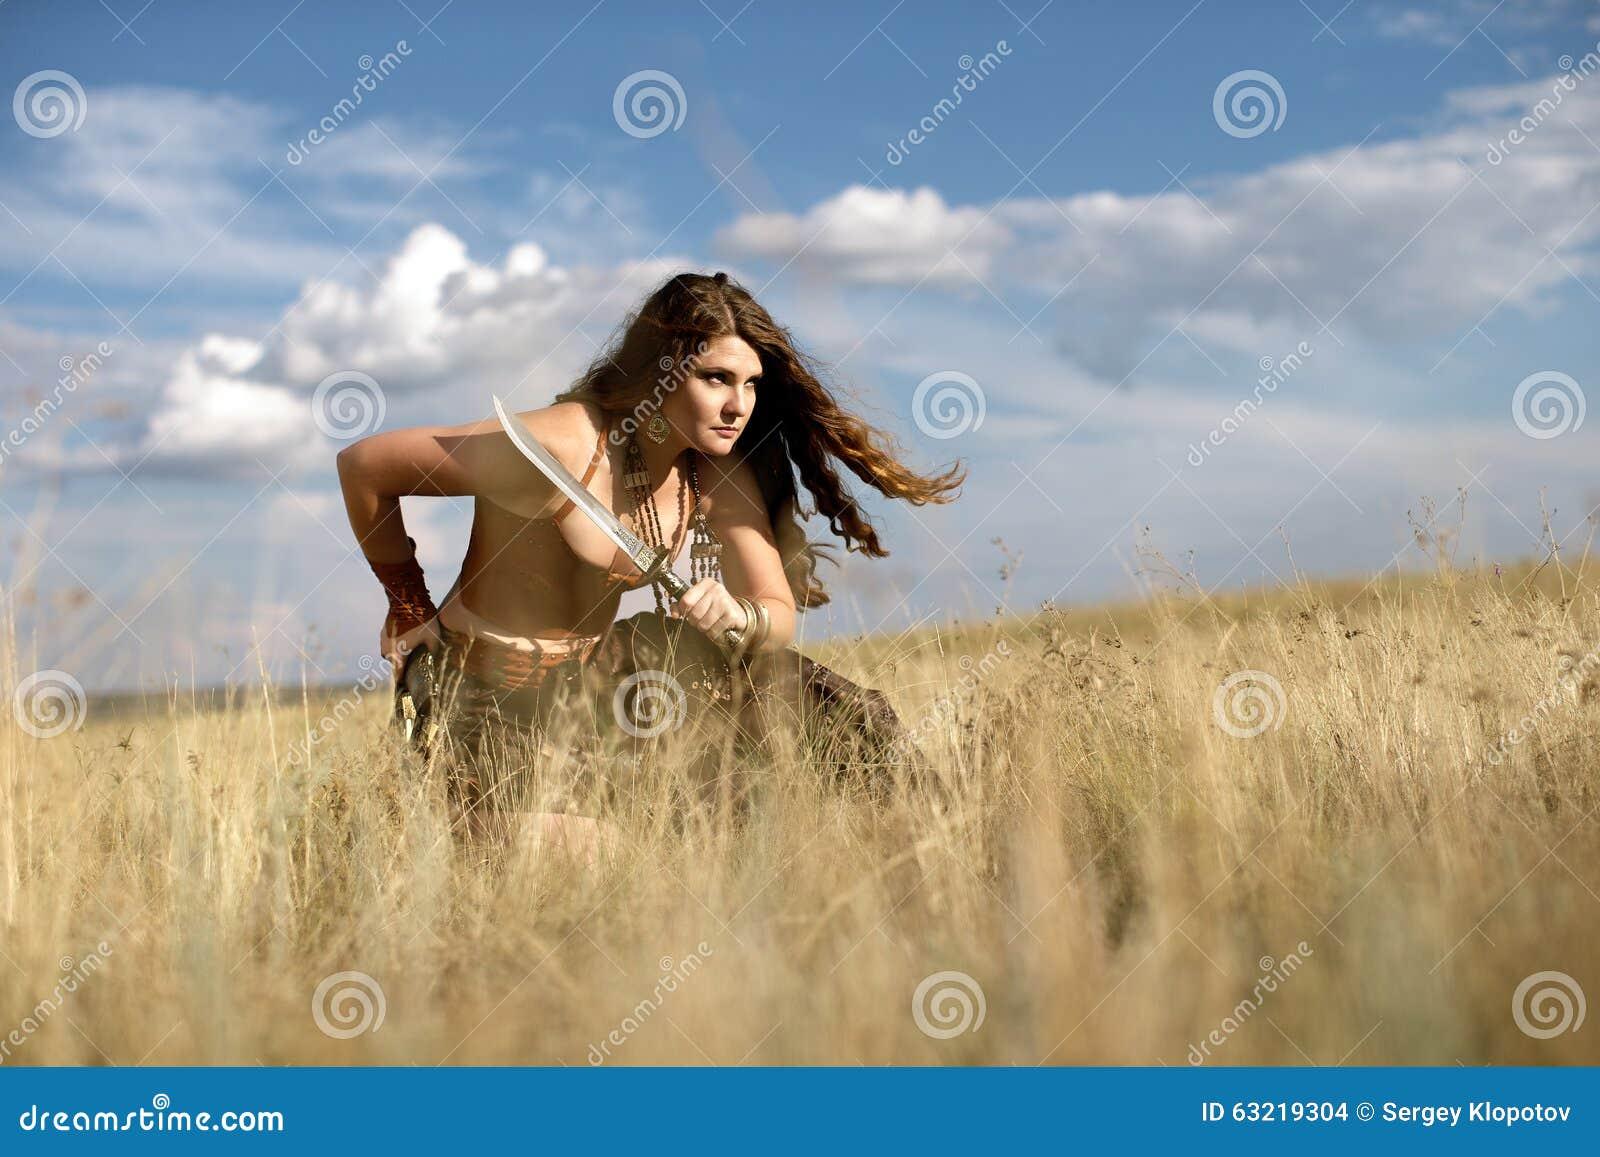 Красивые девушки с загаром амазонки фото 4-865